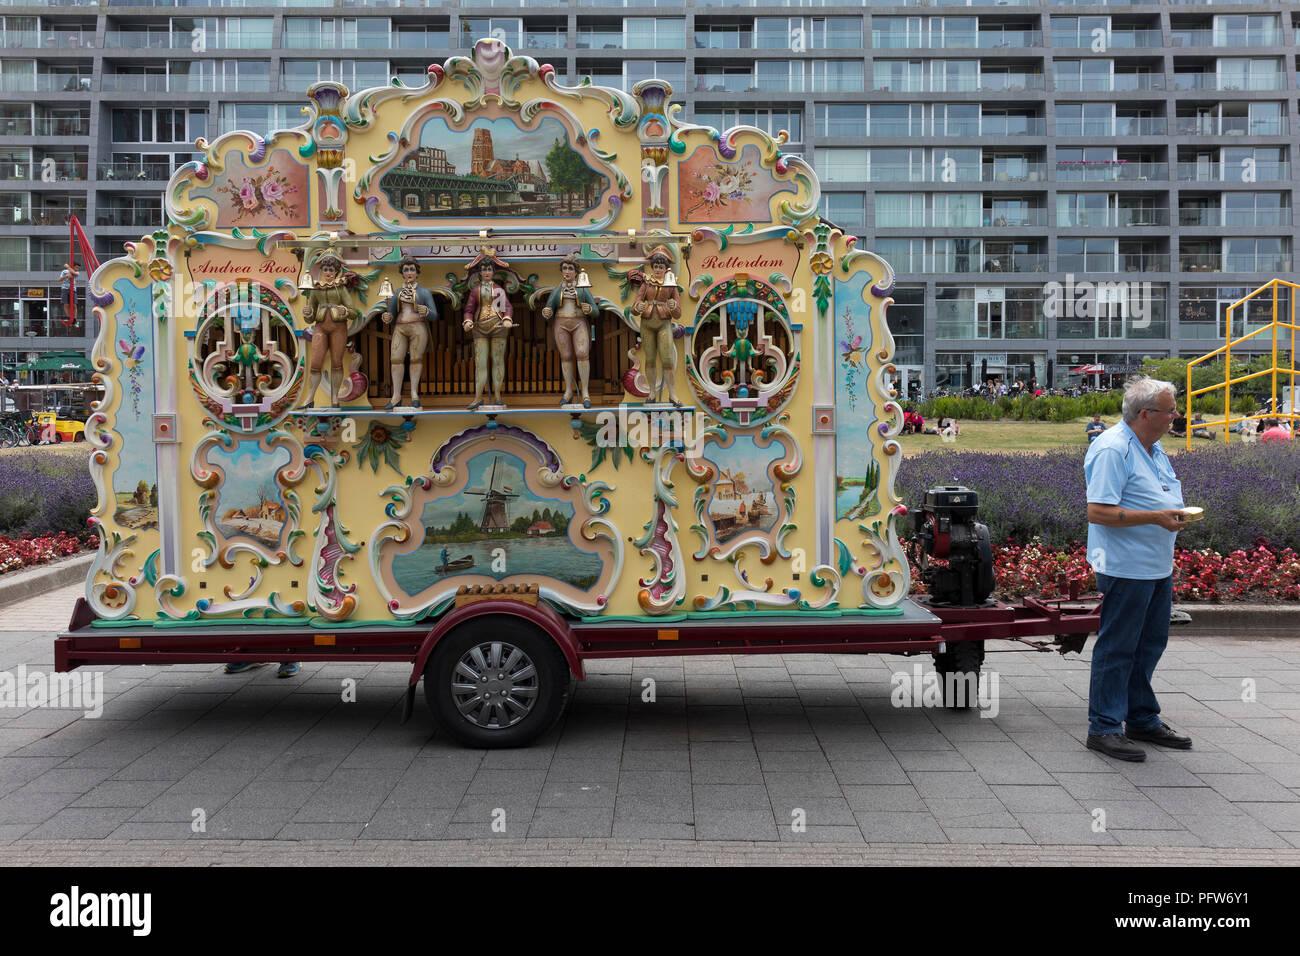 Rotterdam, Pays-Bas - le 7 juillet 2018: orgue de rue traditionnels hollandais nommé Rosalinda en été en face des appartements Photo Stock